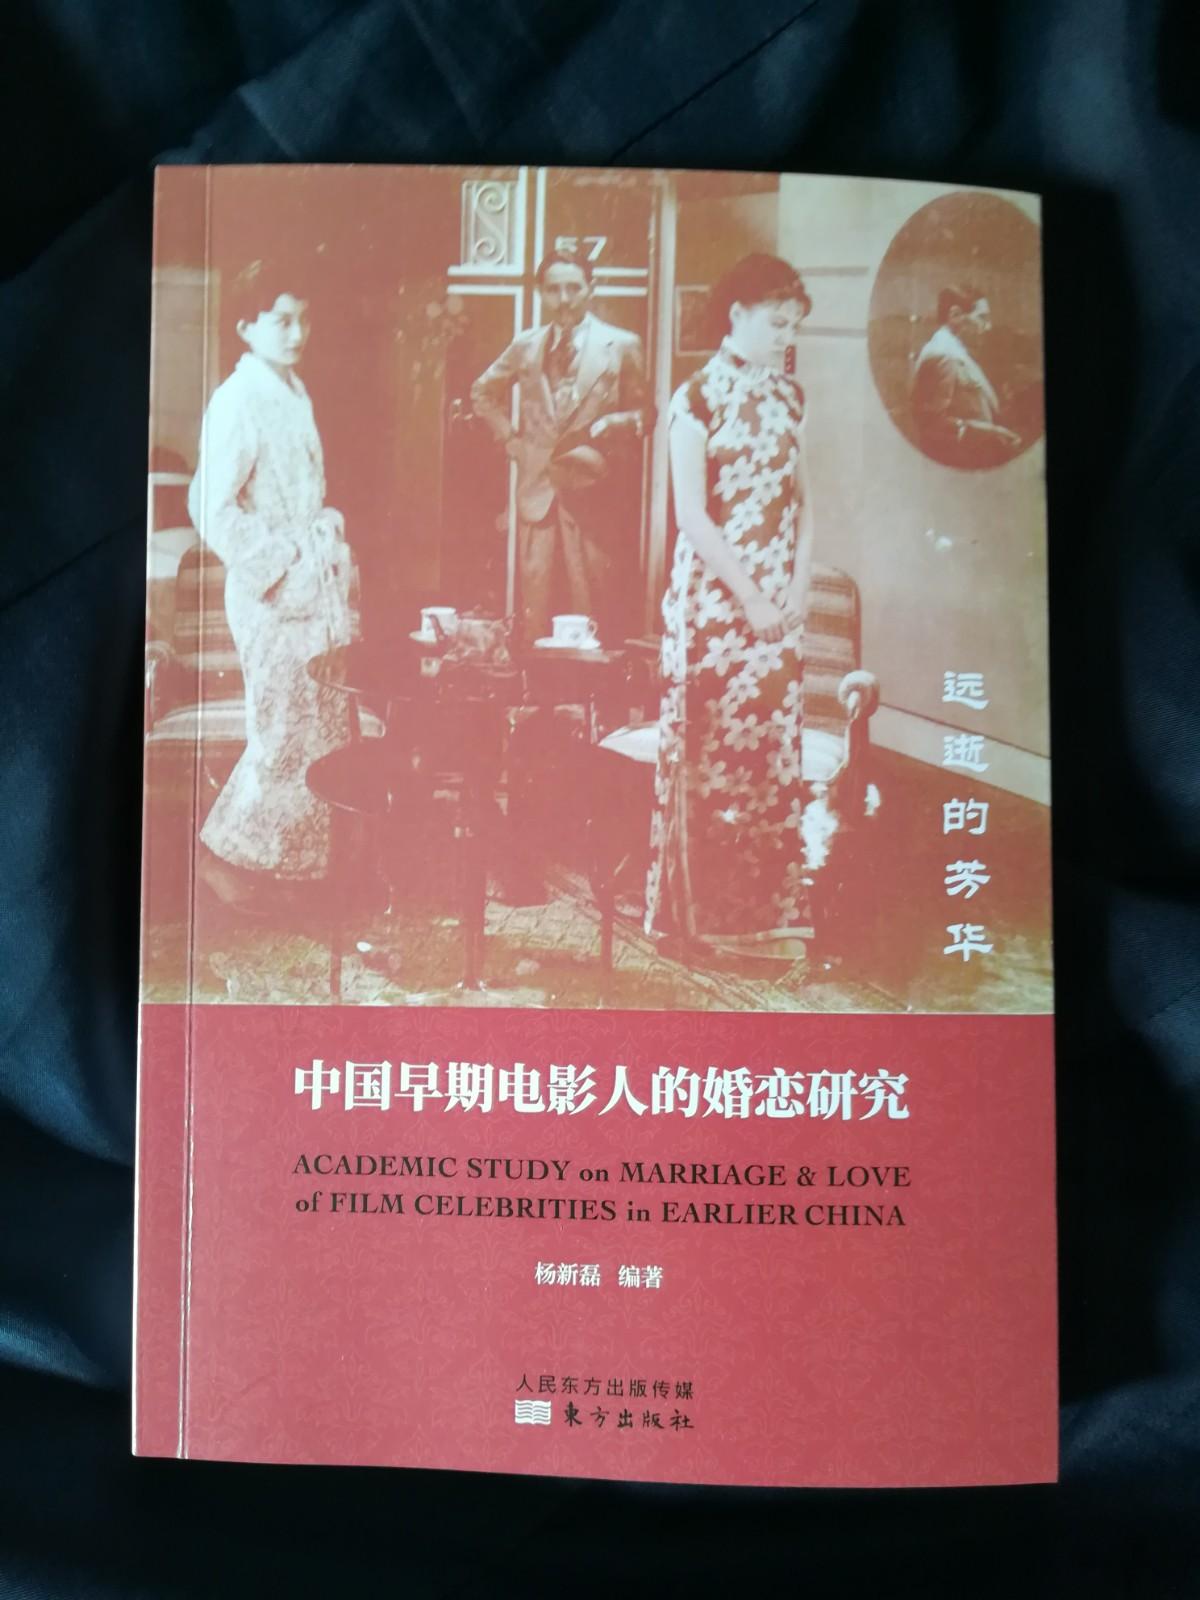 杨新磊教授学术专著《远逝的芳华:中国早期电影人的婚恋研究》出版 ... ... ..._图1-1